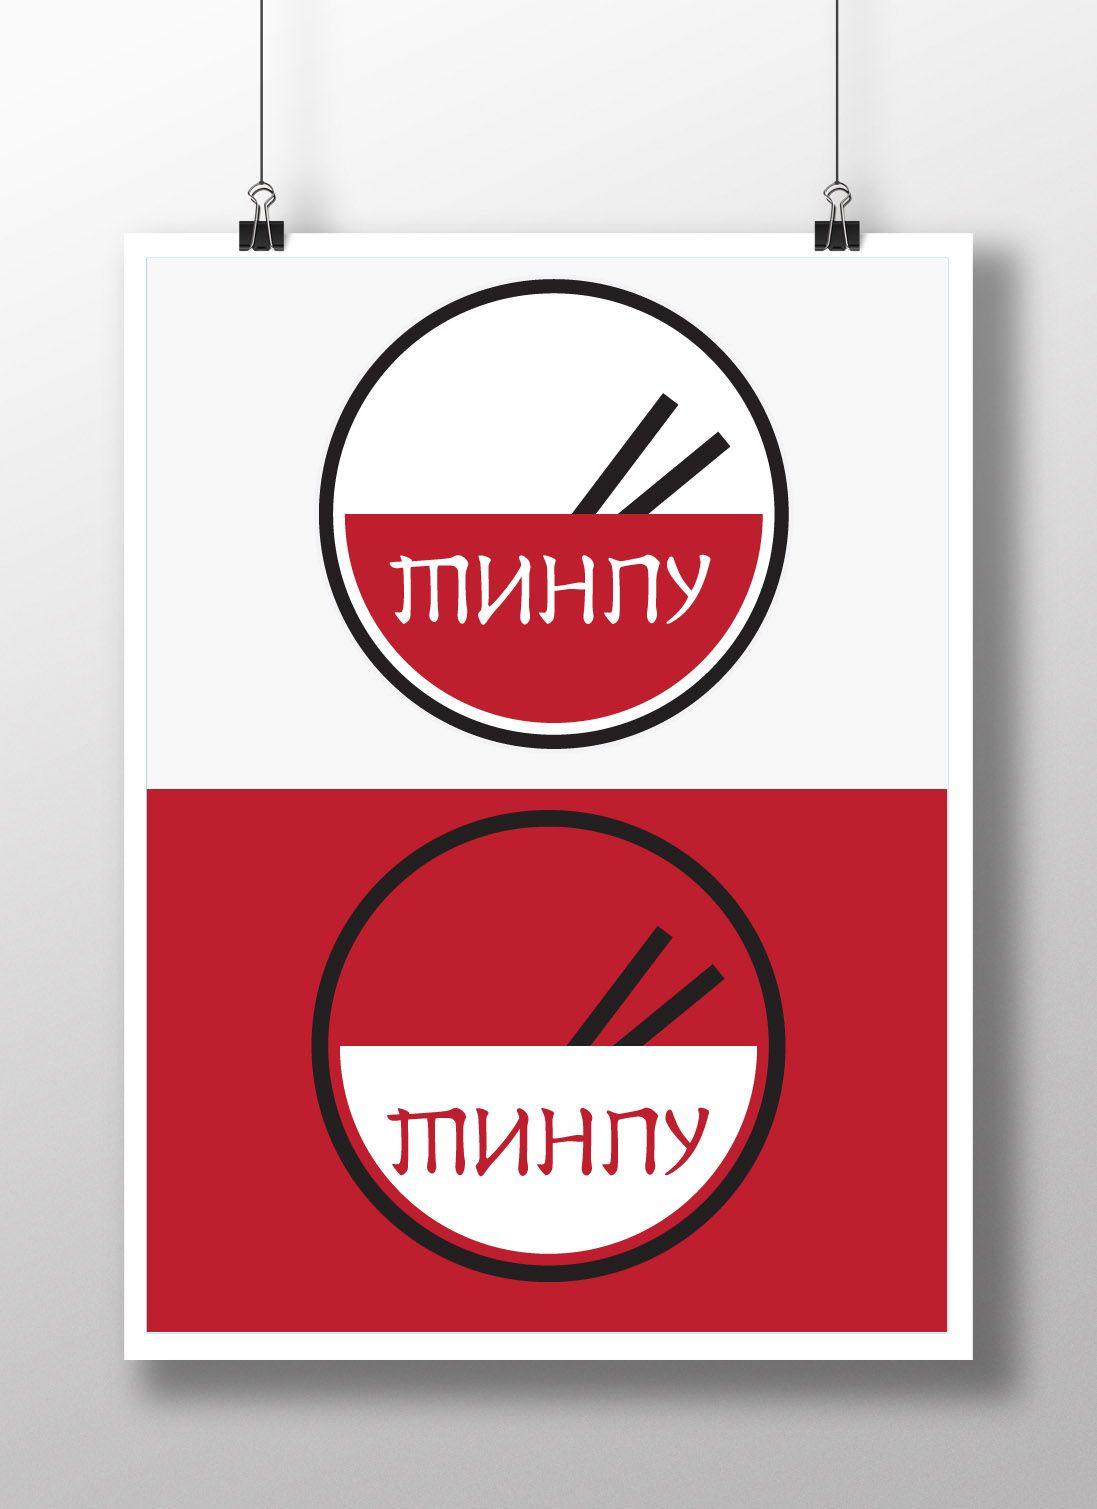 Фирм стиль для новой сети лапшичных  - дизайнер screaminsky